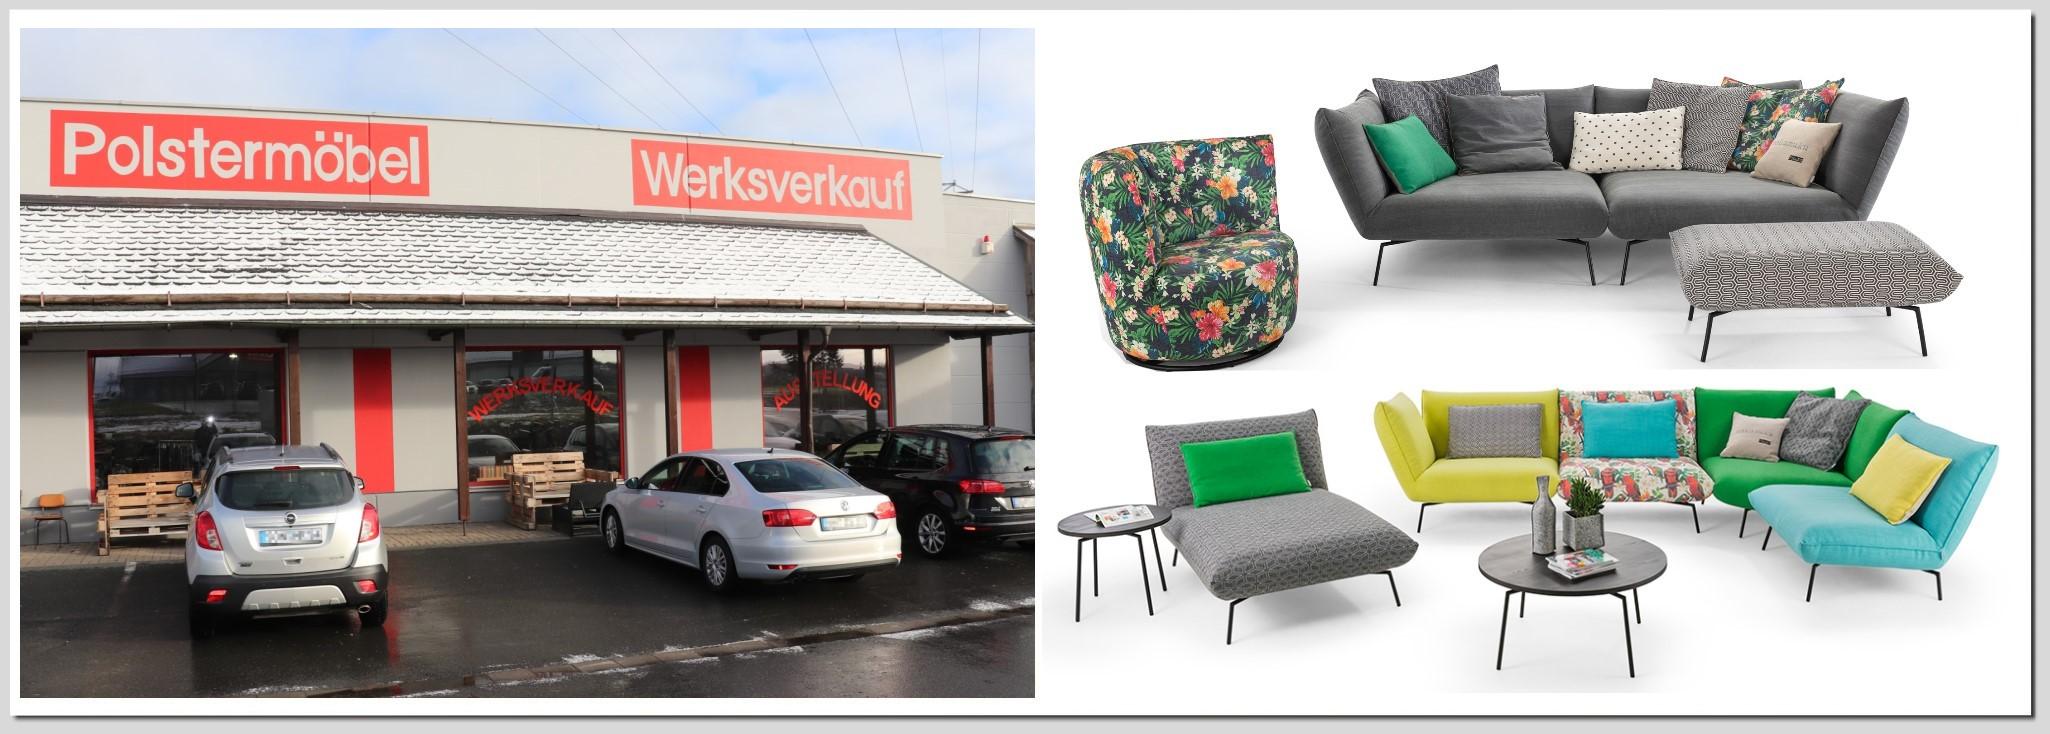 Full Size of Mokumuku Franz Polstermbel 24h Online Einkaufen Französische Betten Fertig Sofa Wohnzimmer Mokumuku Franz